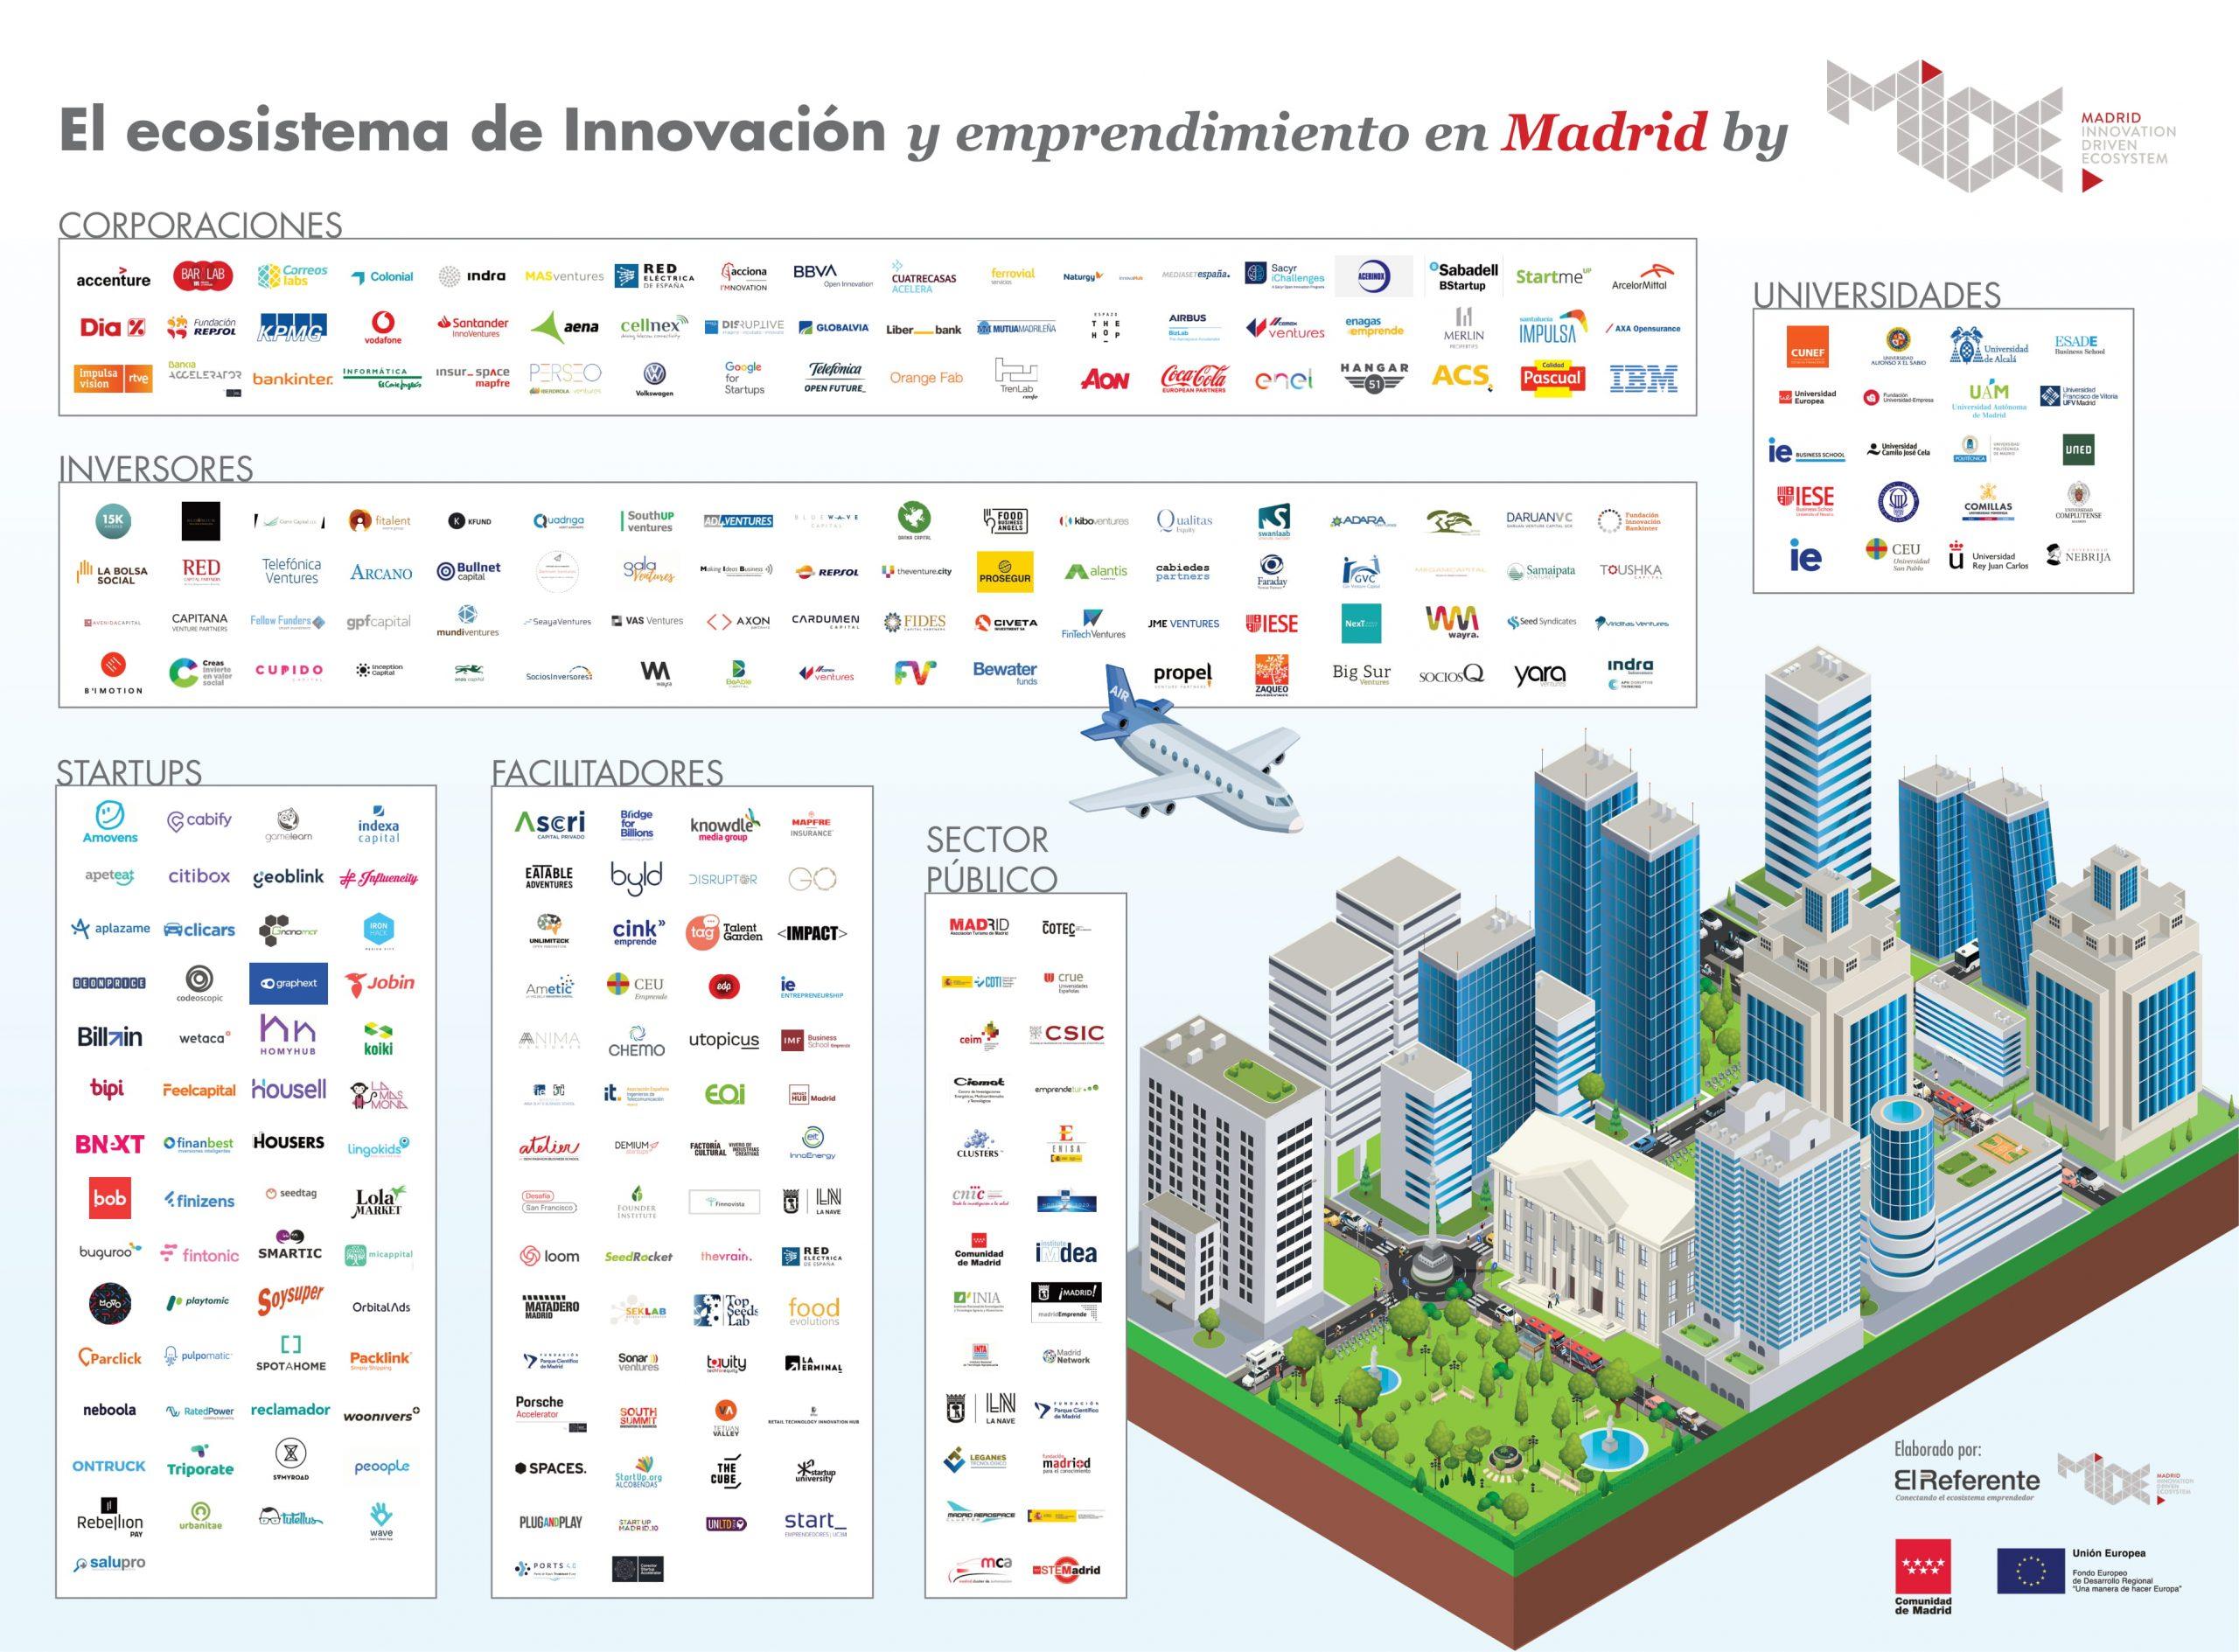 Madrid acumula el 36% de la inversión total de la innovación en España